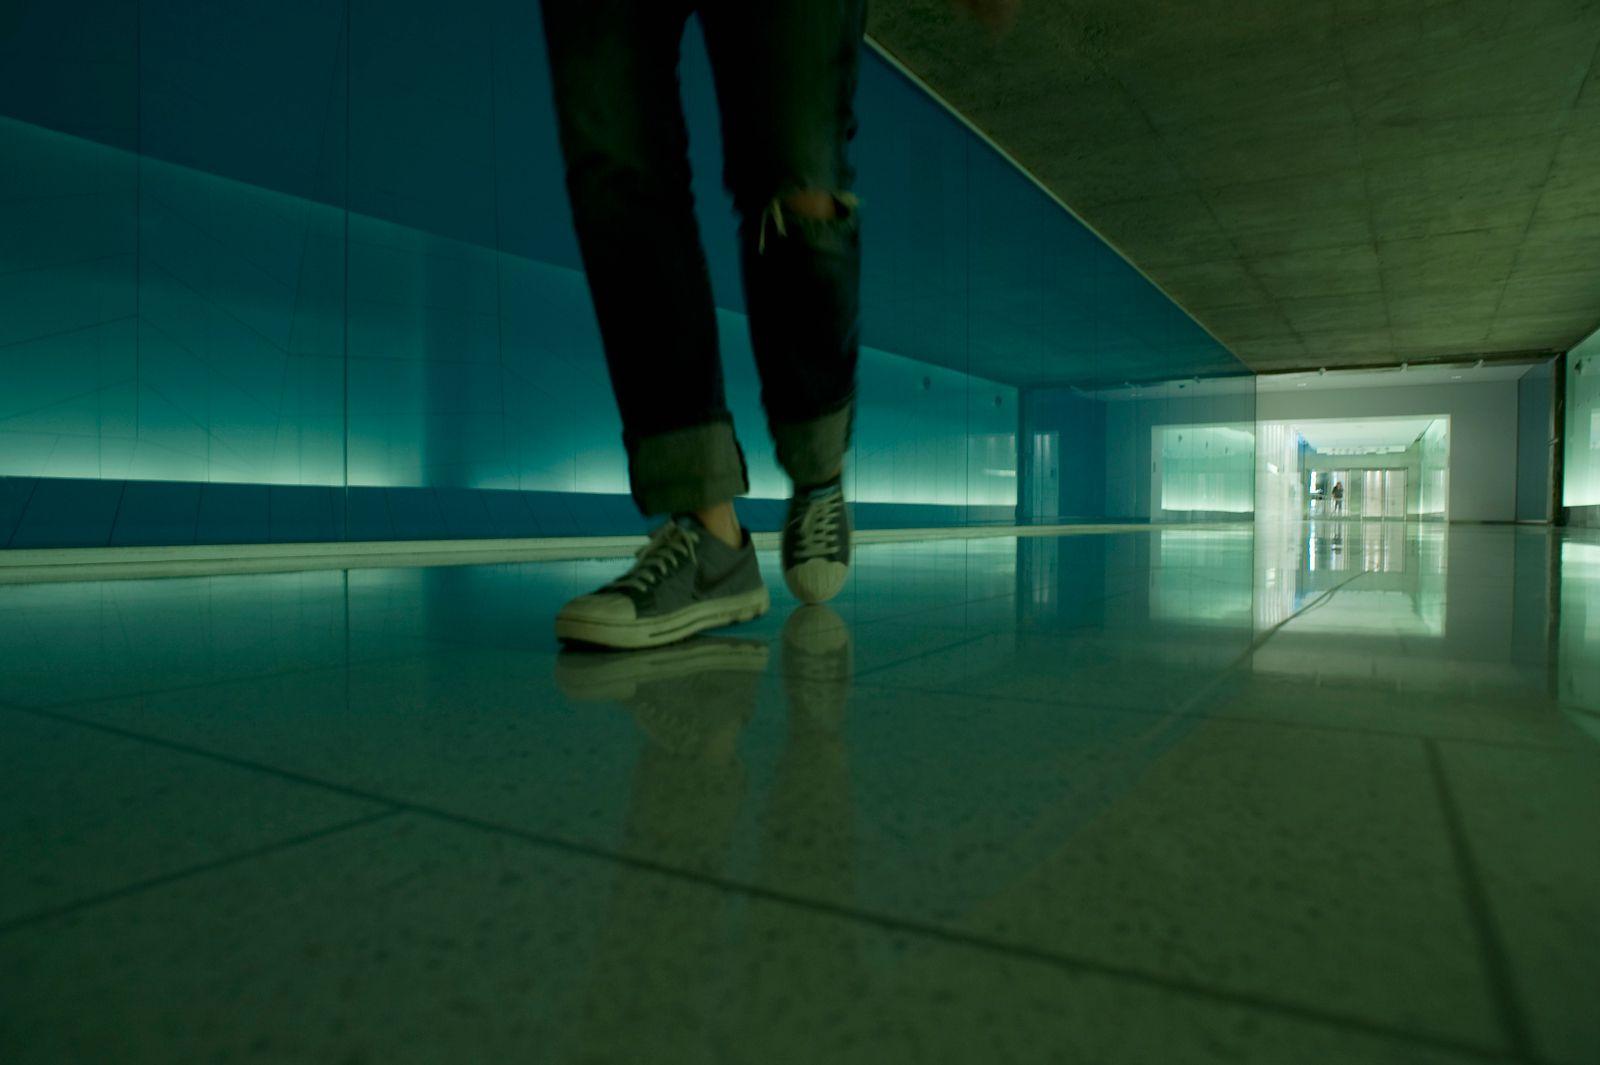 Centro comercial subterráneo de Montreal